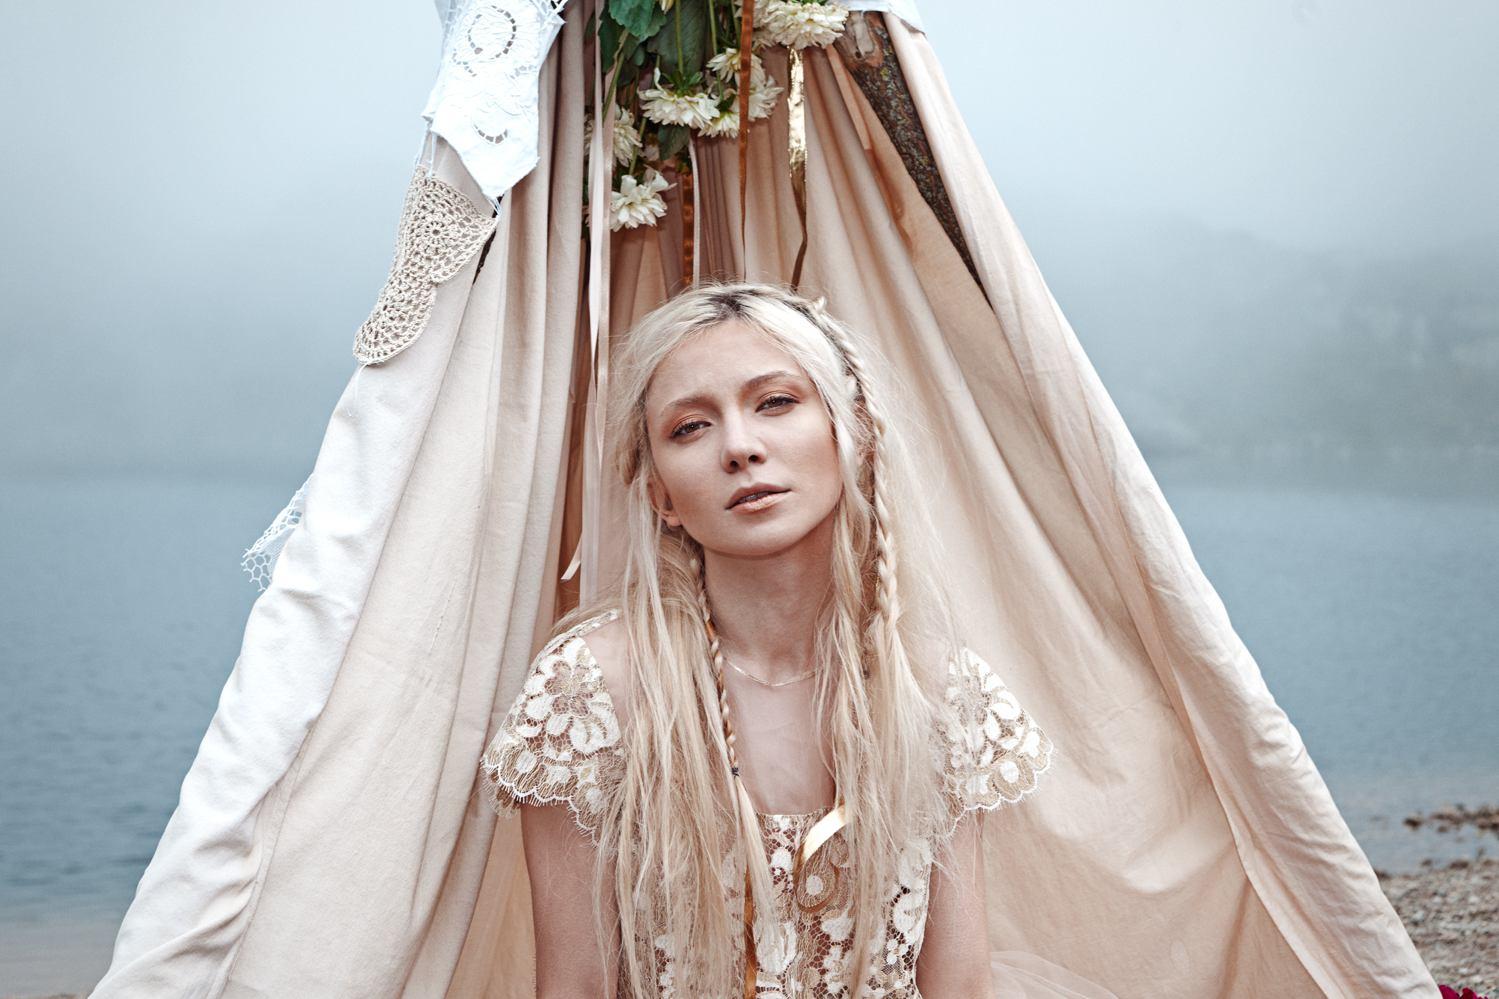 Matrimonio Stile Gipsy : Matrimonio ecologico il look della sposa gipsy pensato da monica